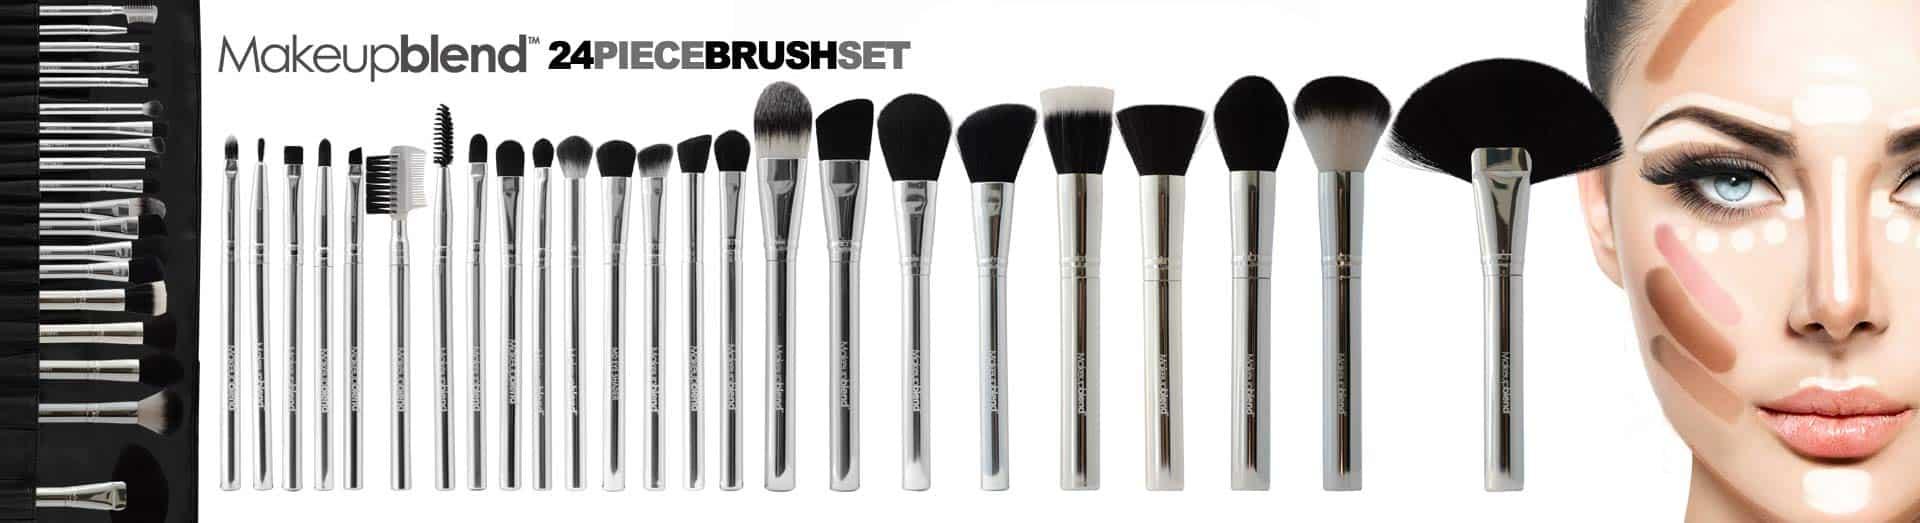 brushes1500